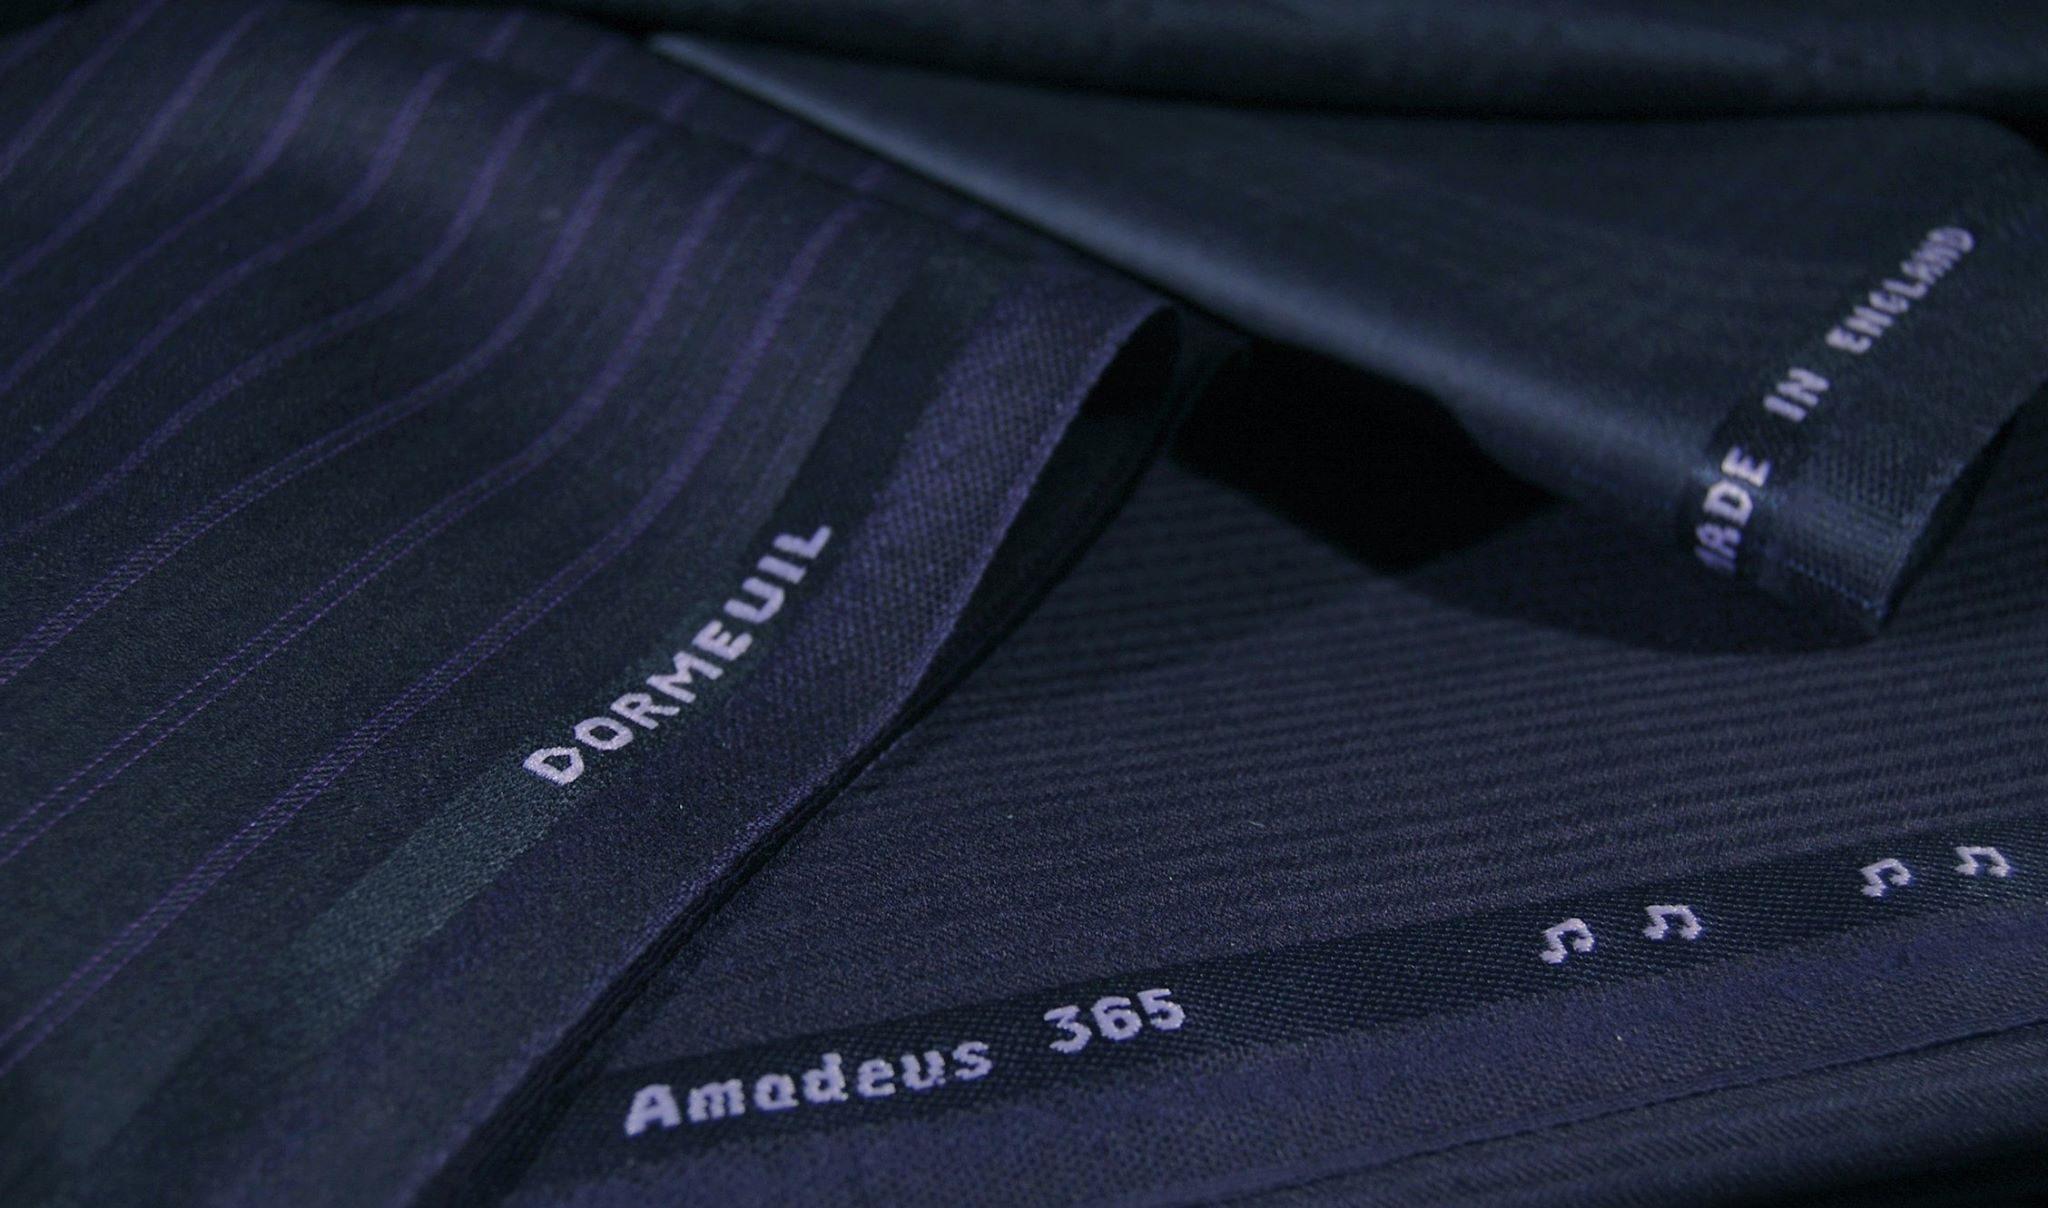 Amadeus365